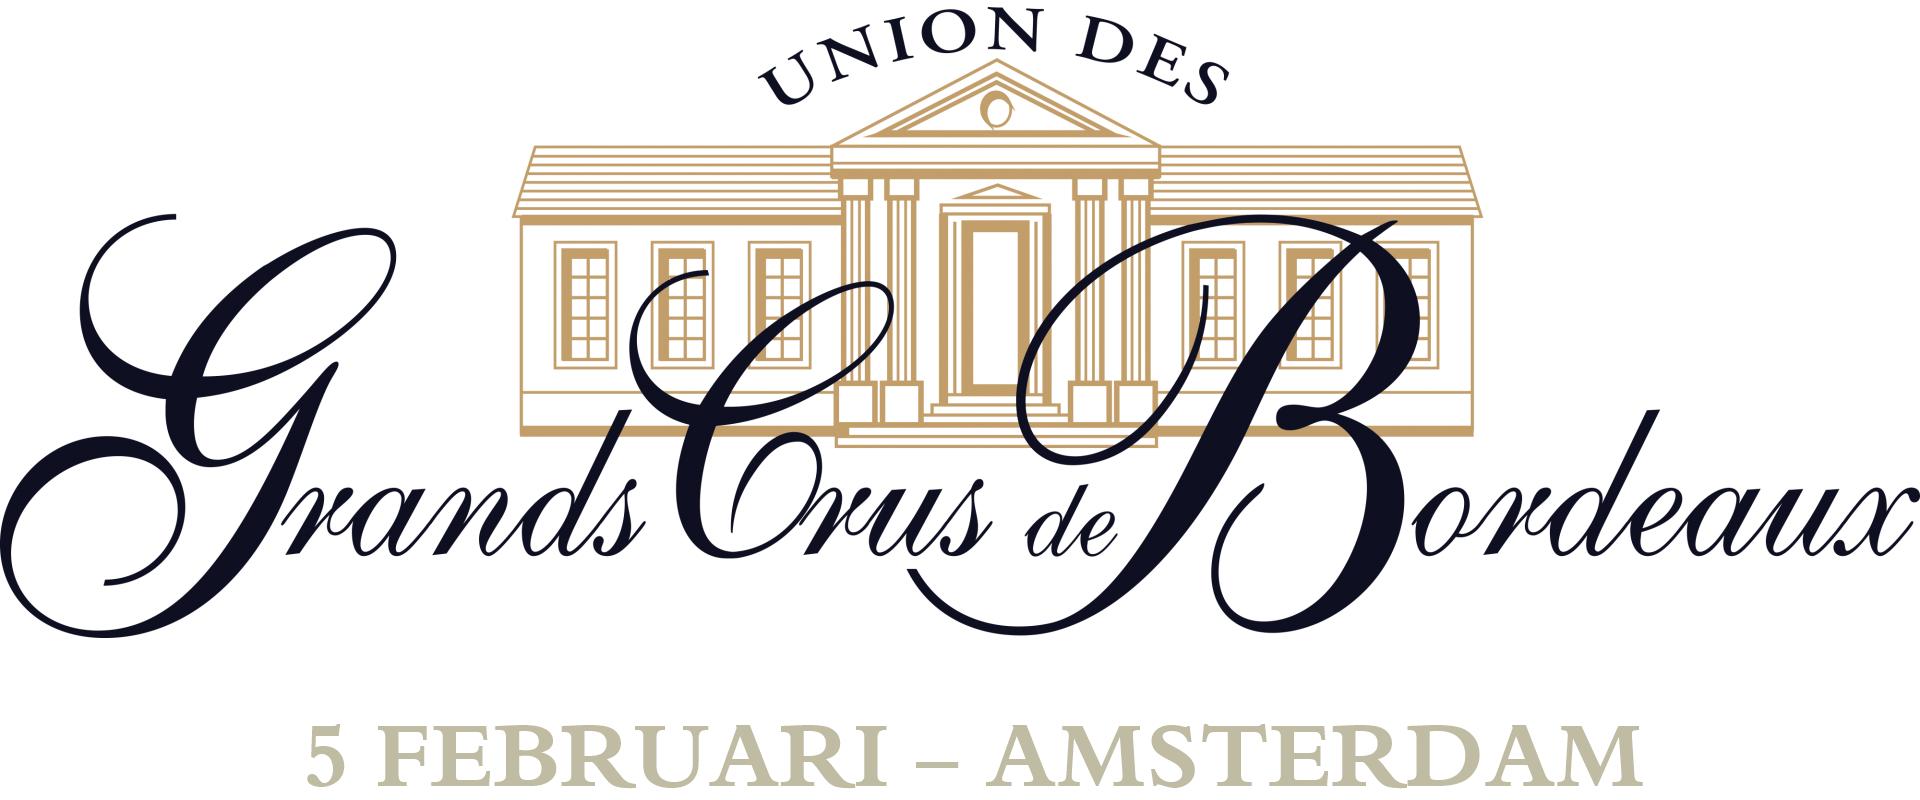 Union des Grands Crus de Bordeaux proeverij logo